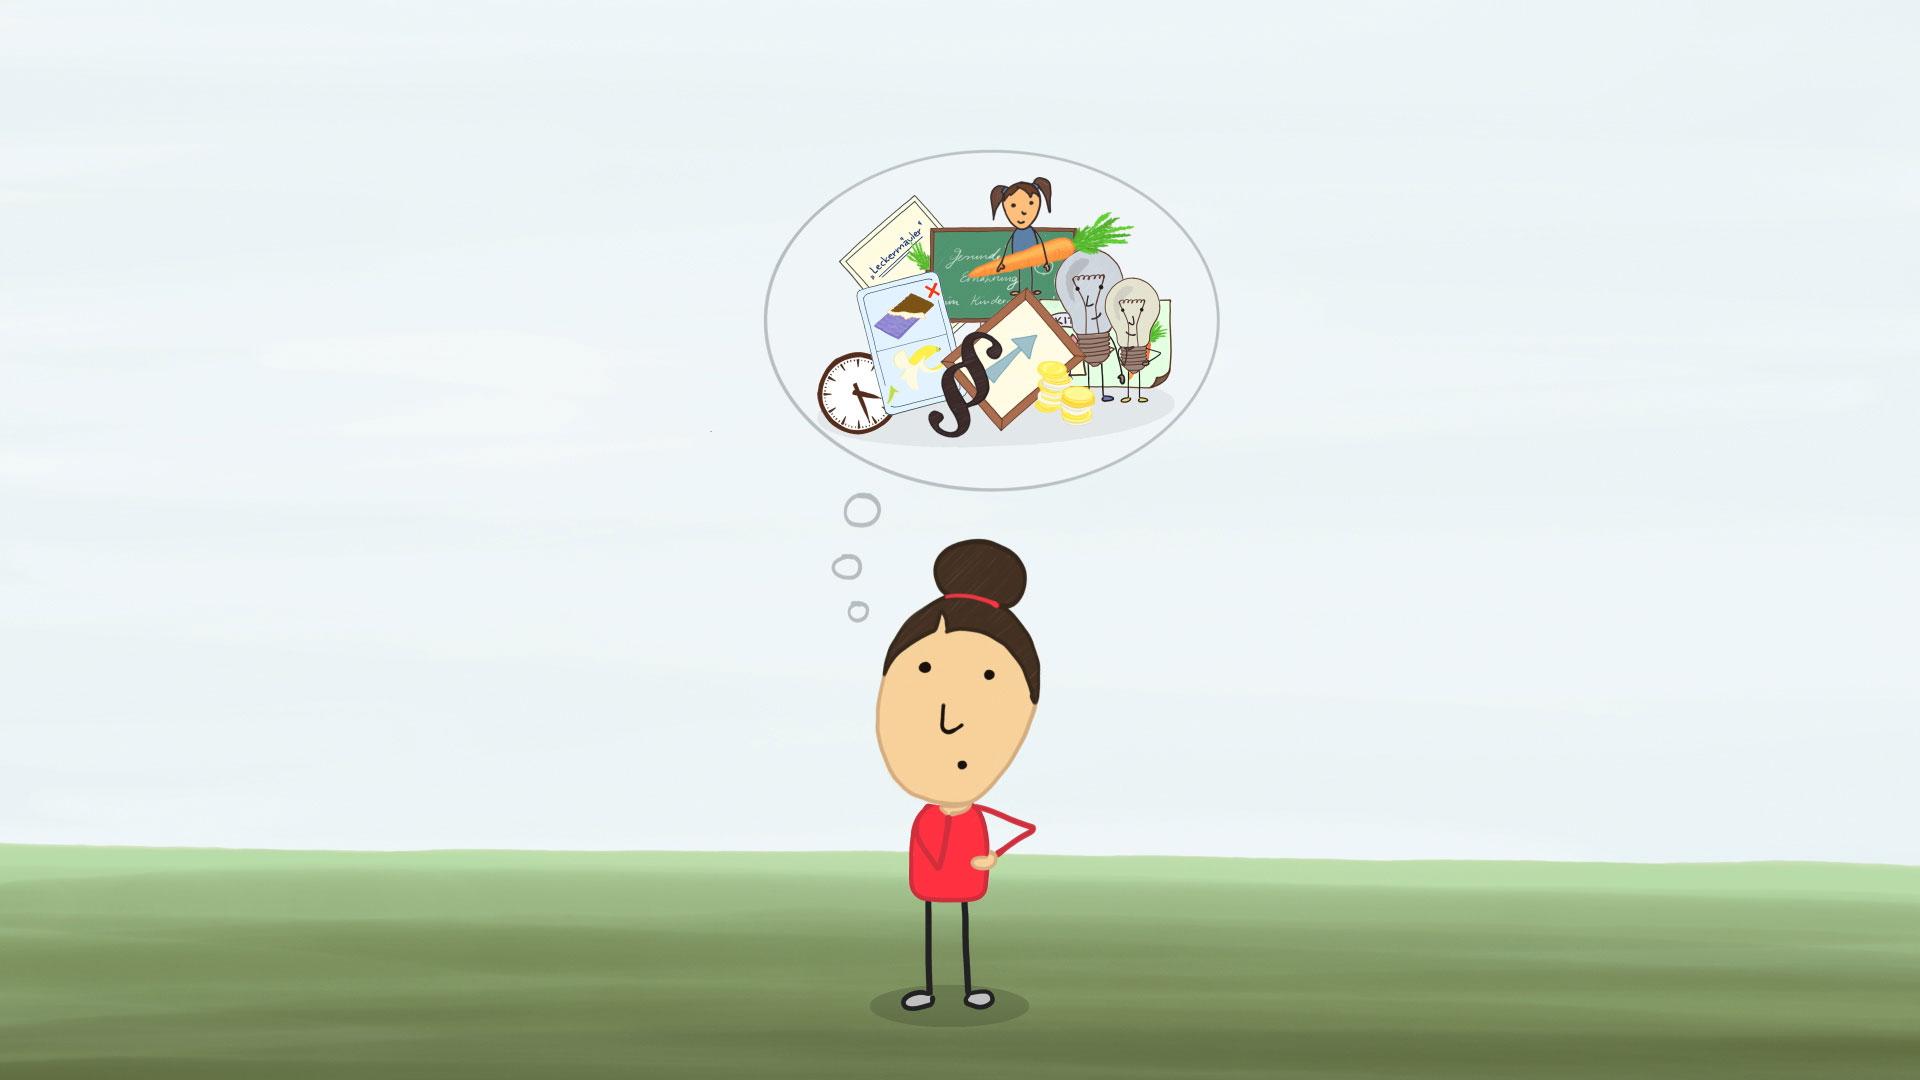 animo-film-animation-maedchen-gedanken-blase